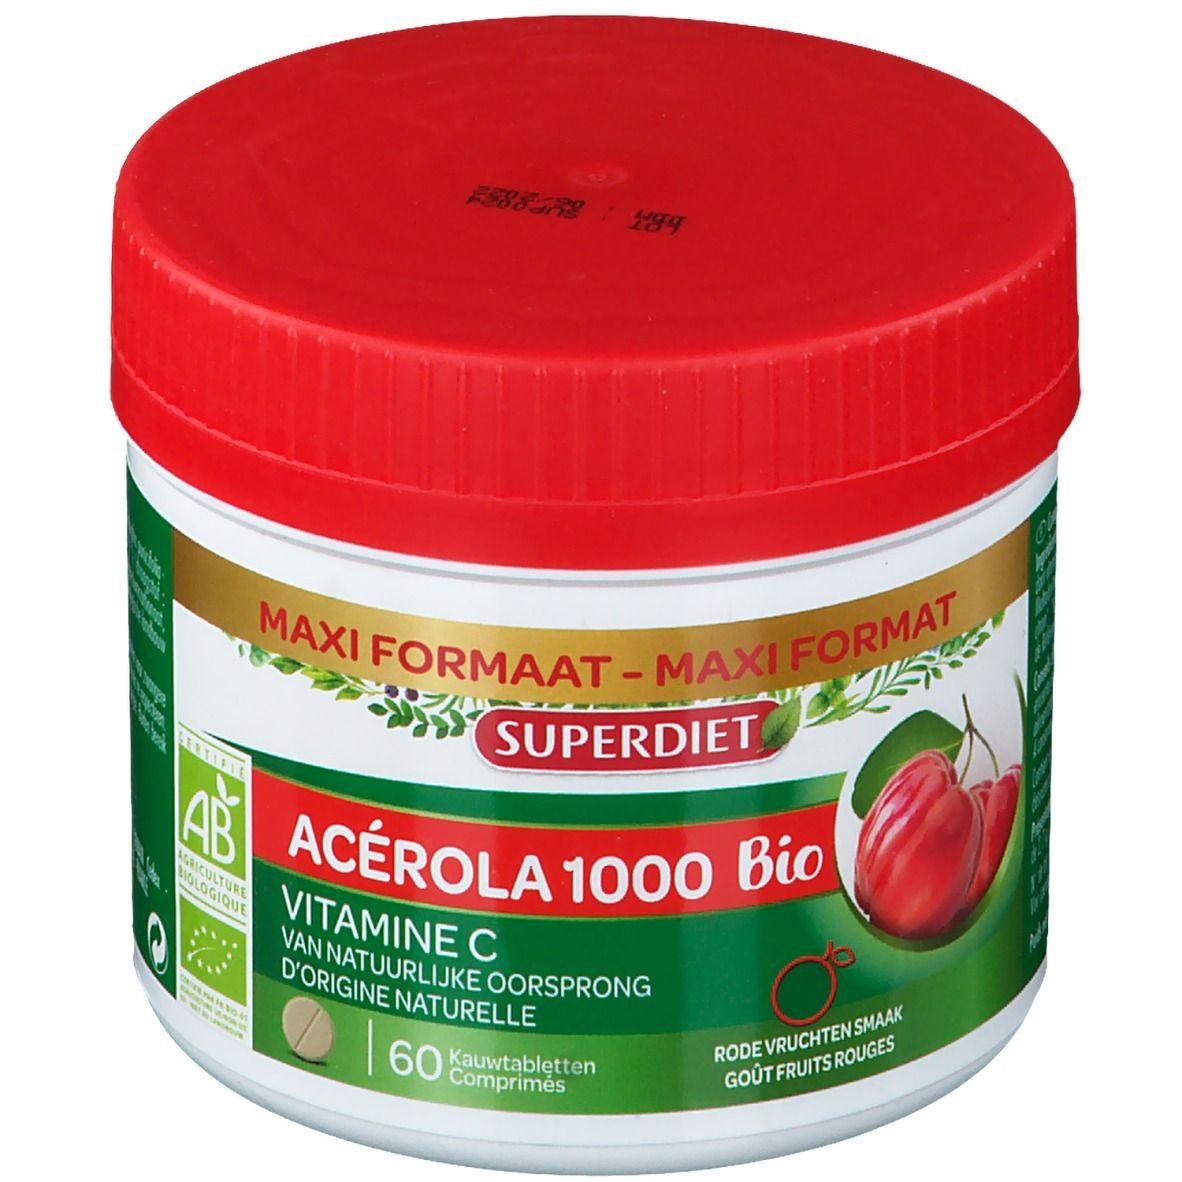 Acérola 1000 Bio Super Diet Acérola 1000 Bio pc(s) comprimé(s)